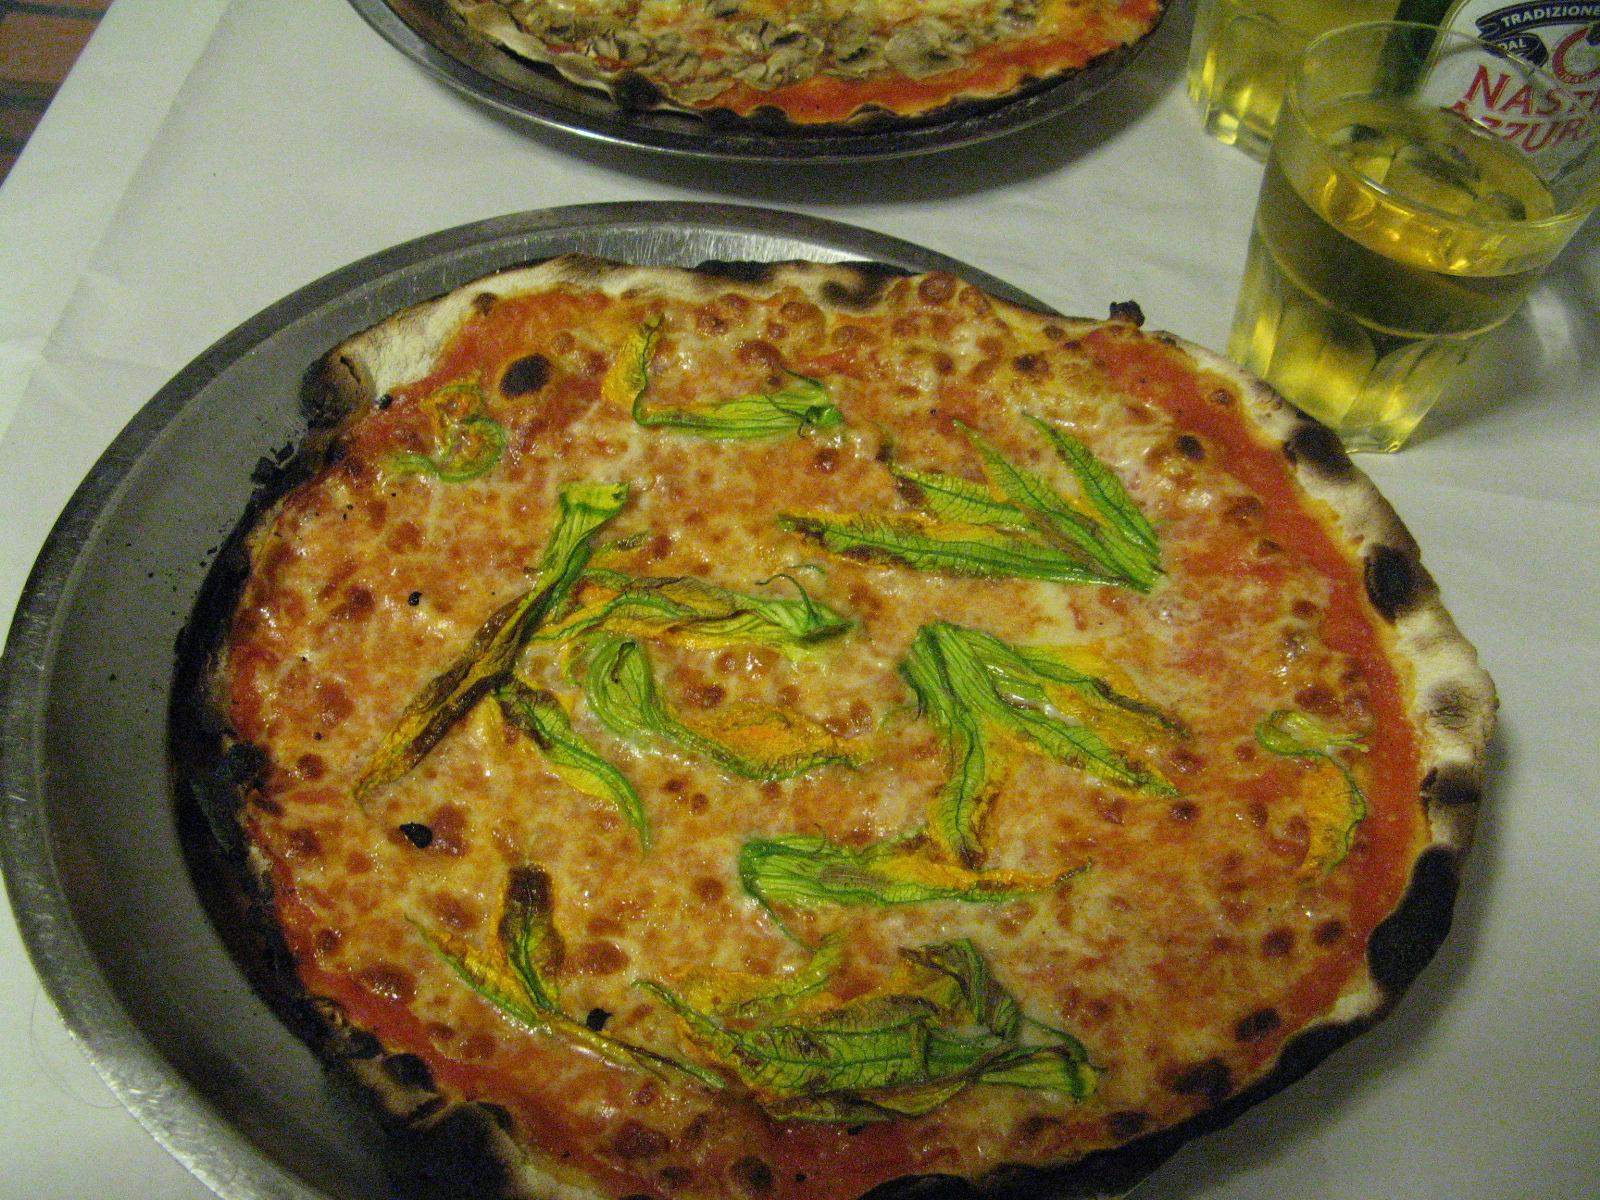 fiori di zucca u2013 zucchini flowers from seed to plate wine for soul